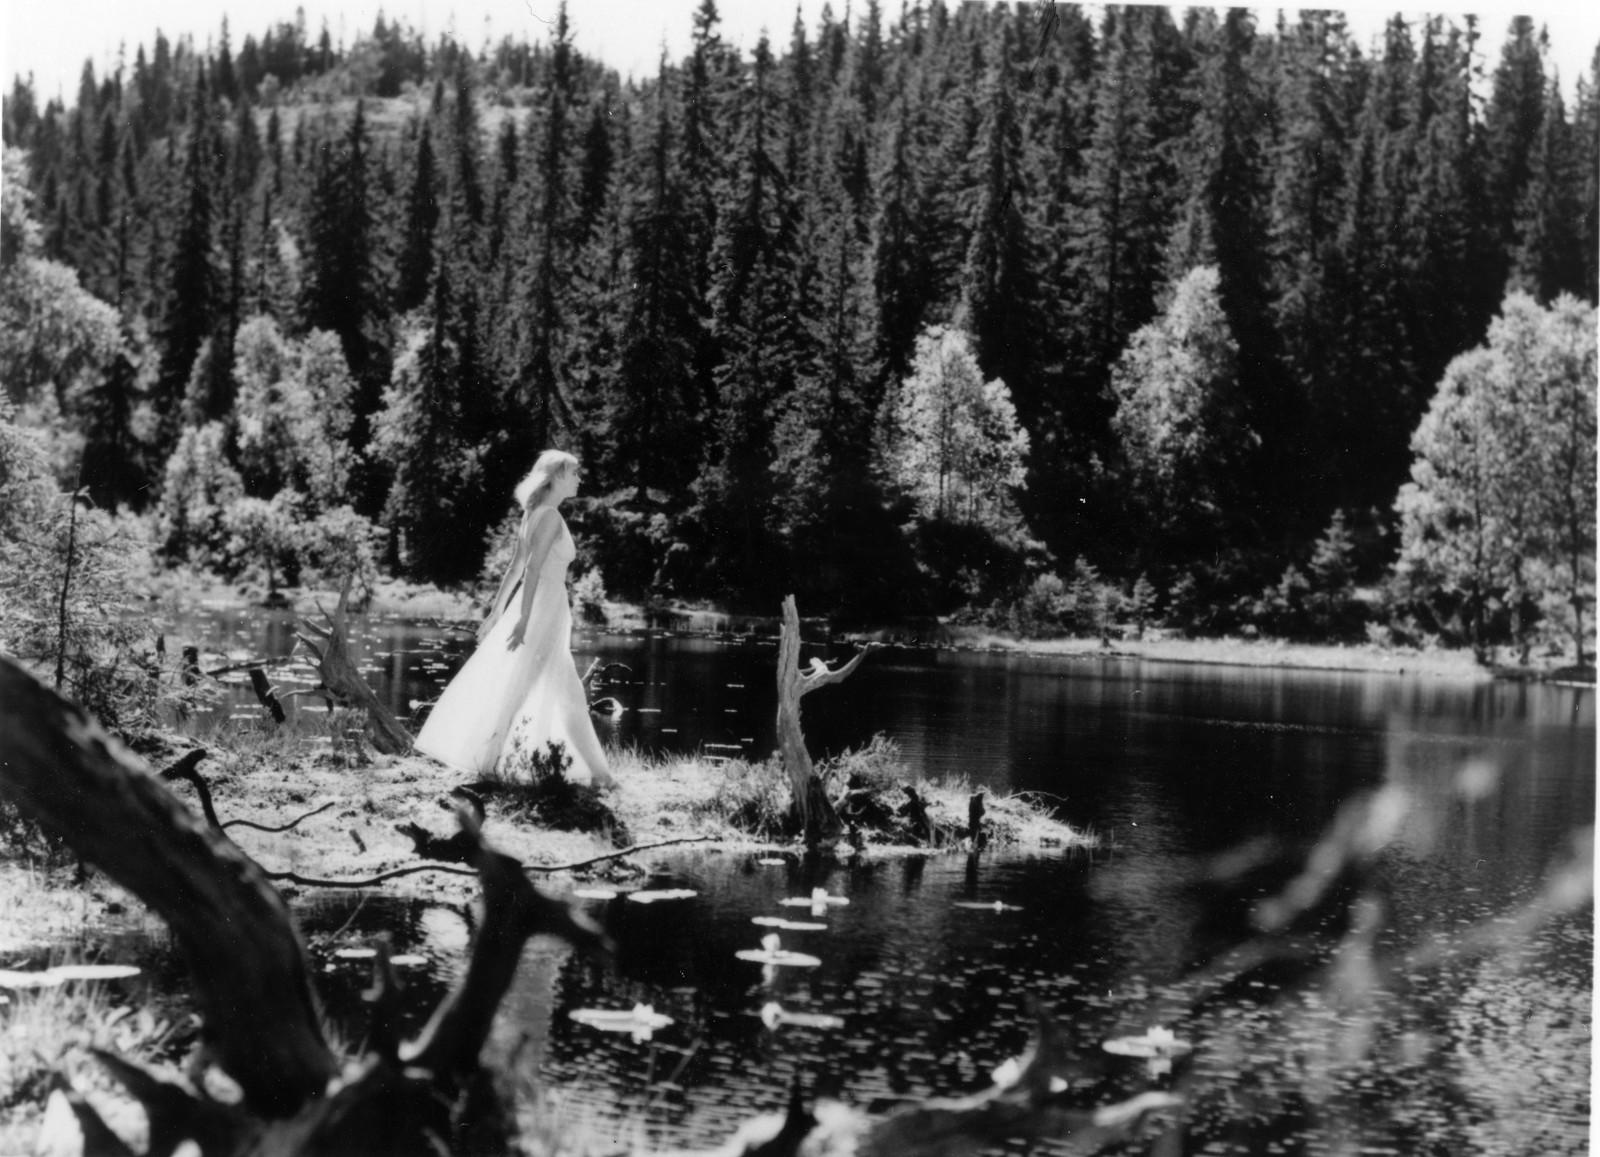 """Skuespiller Henny Moan i filmen """"De dødes tjern"""", basert på boken ved samme navn av Bernhard Borge (Andre Bjerke)."""